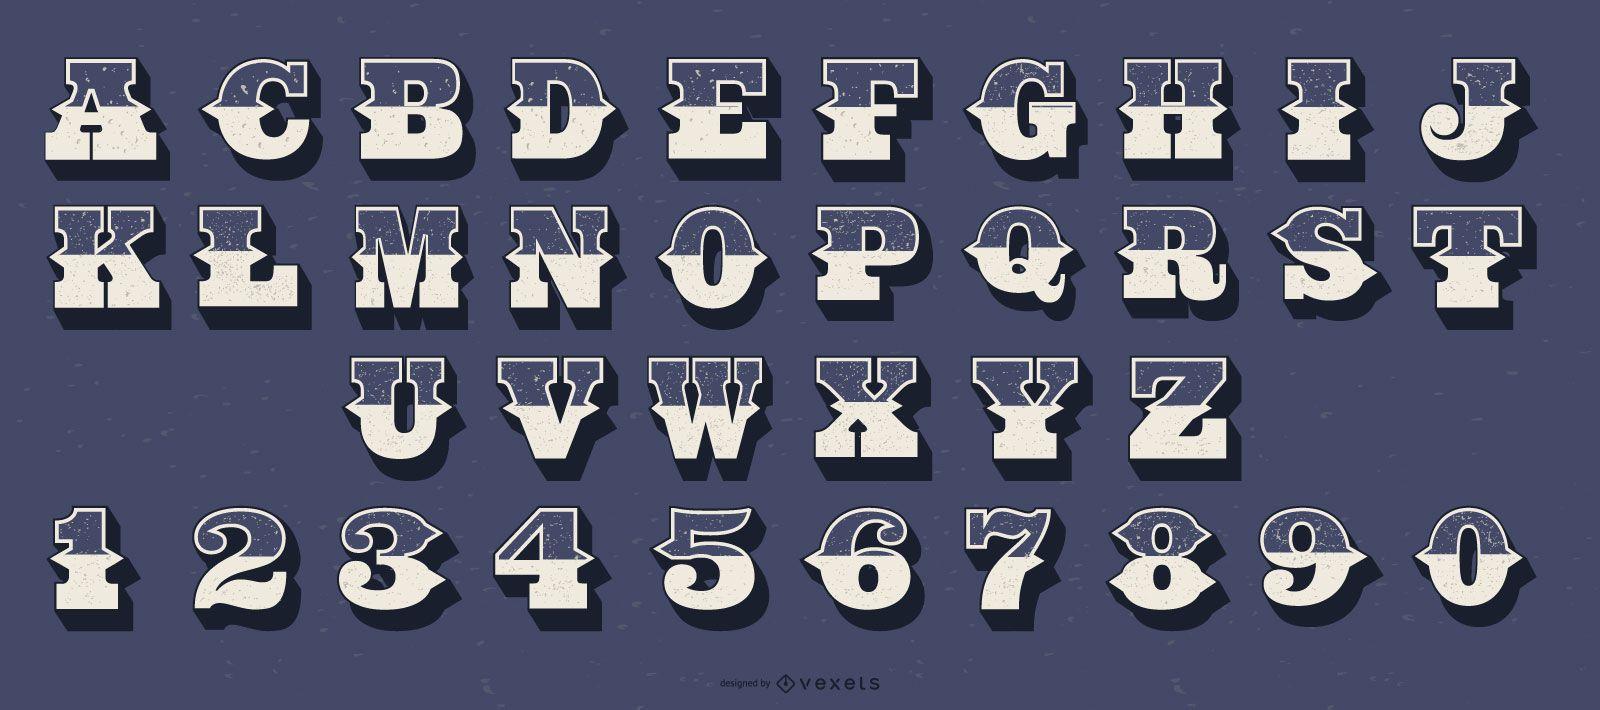 Western Style Alphabet Letter Number Set